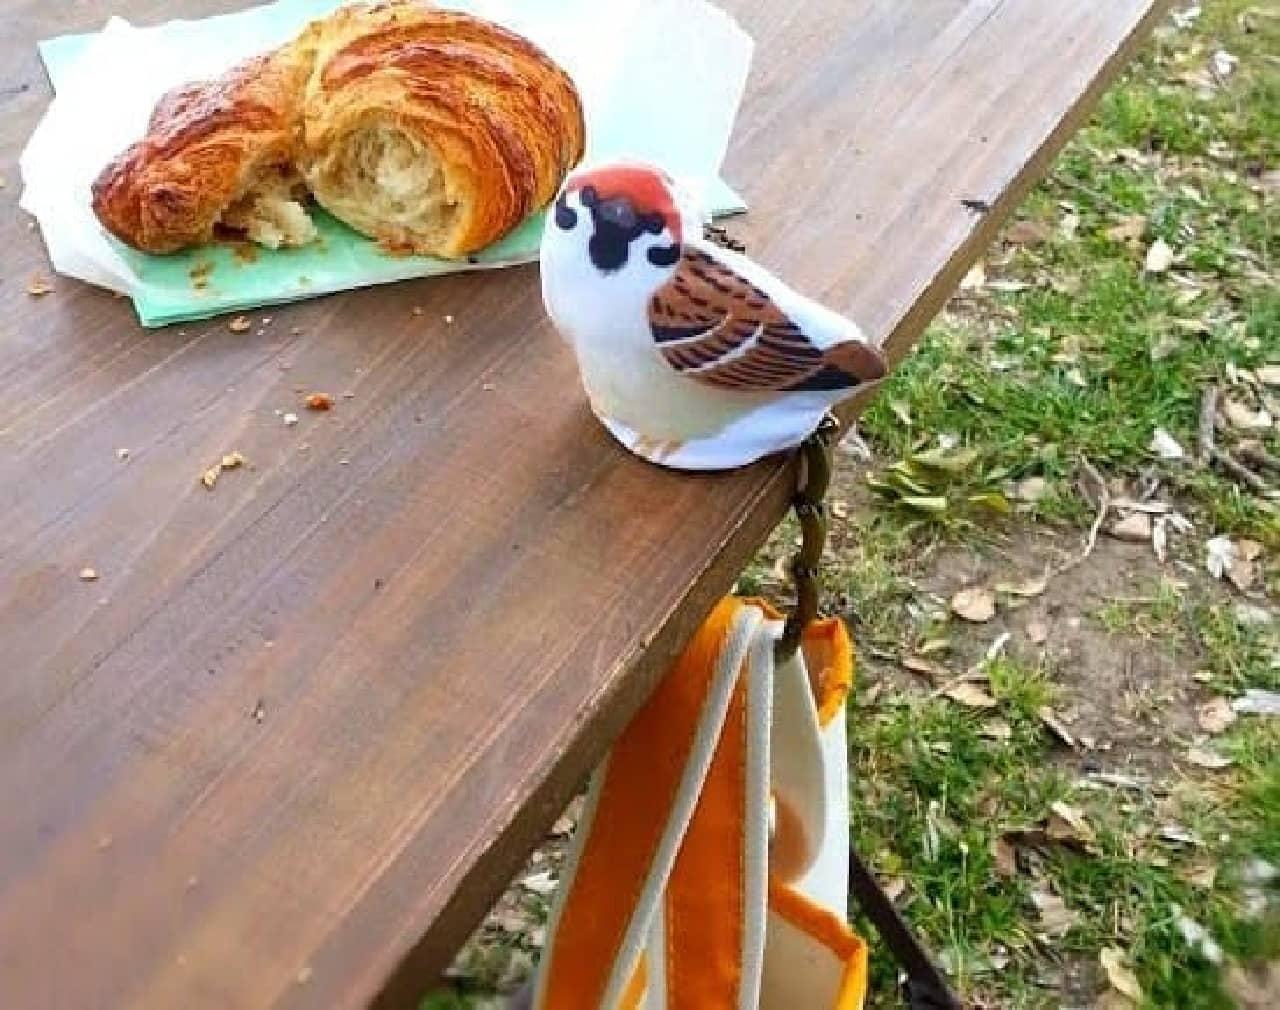 テーブルの端に掛けて使うバッグハンガー「小鳥のおねだりバッグハンガー」  チュン!な小鳥がついてきます